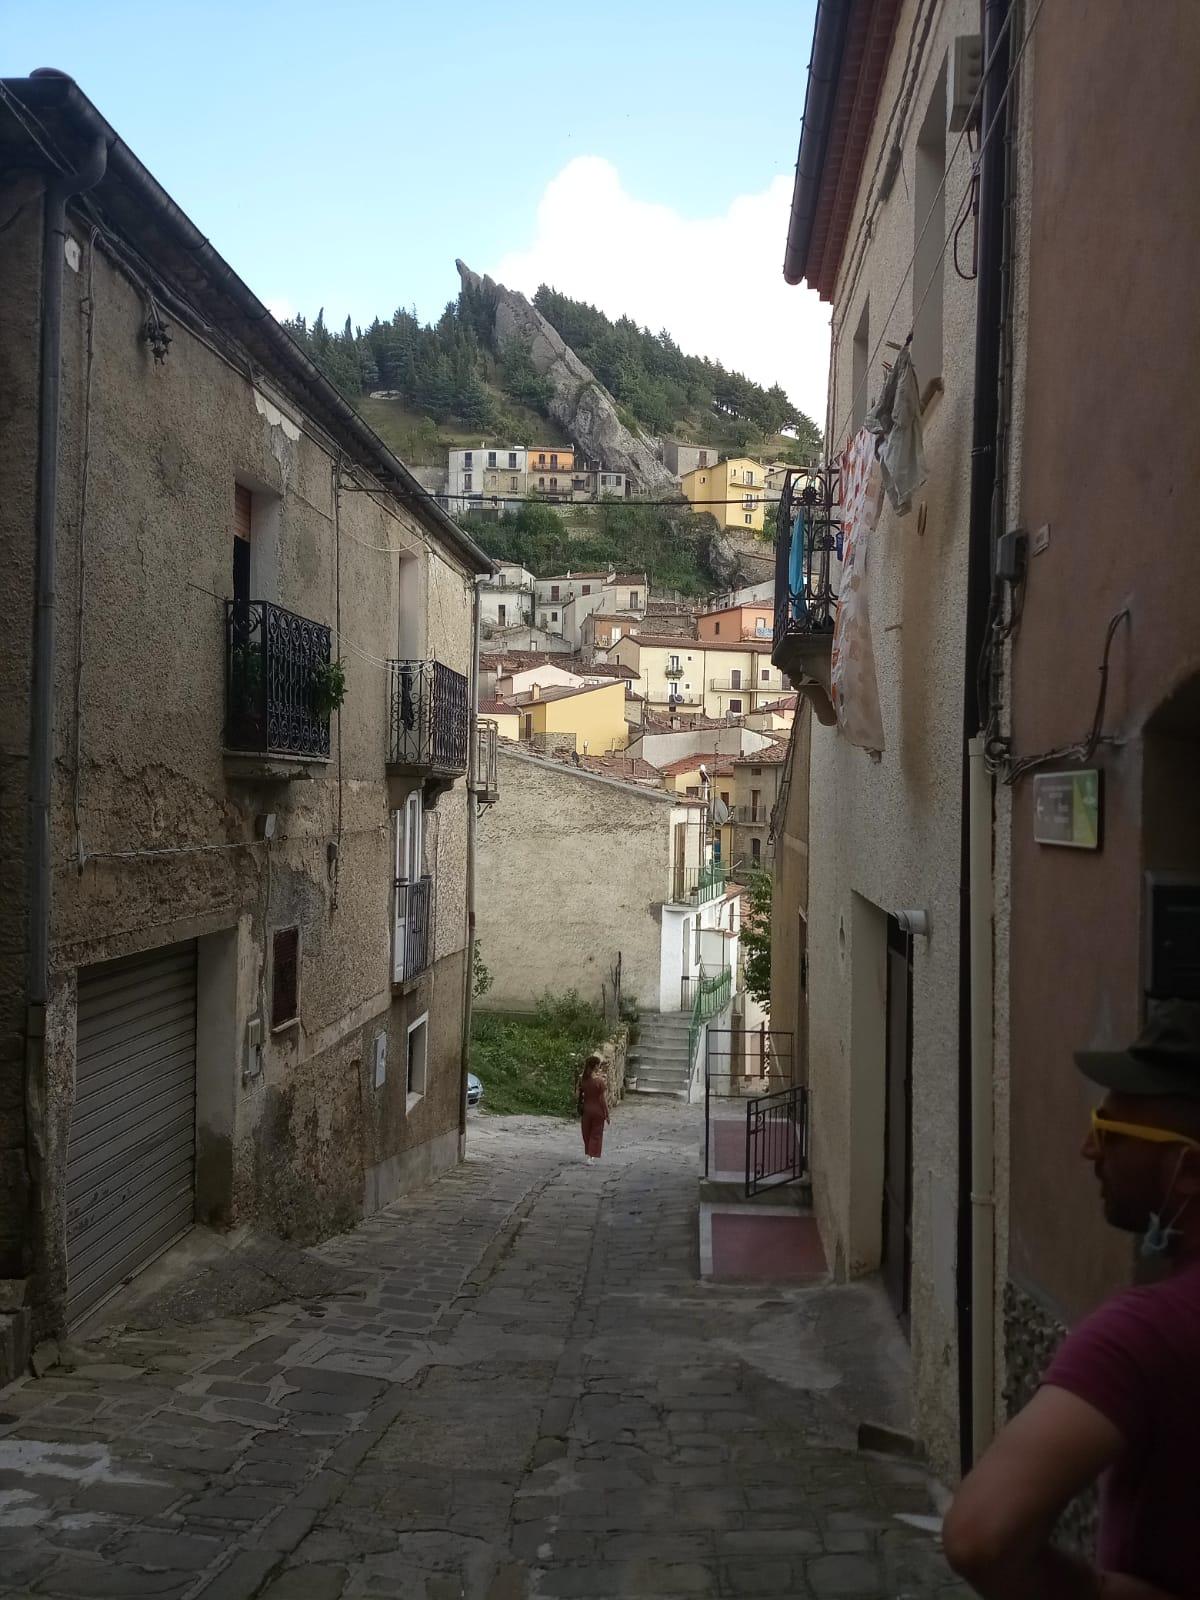 b57a00c8-f24d-4cbb-82be-ae58ae6cece8 Le Dolomiti Lucane, il cuore della Basilicata.